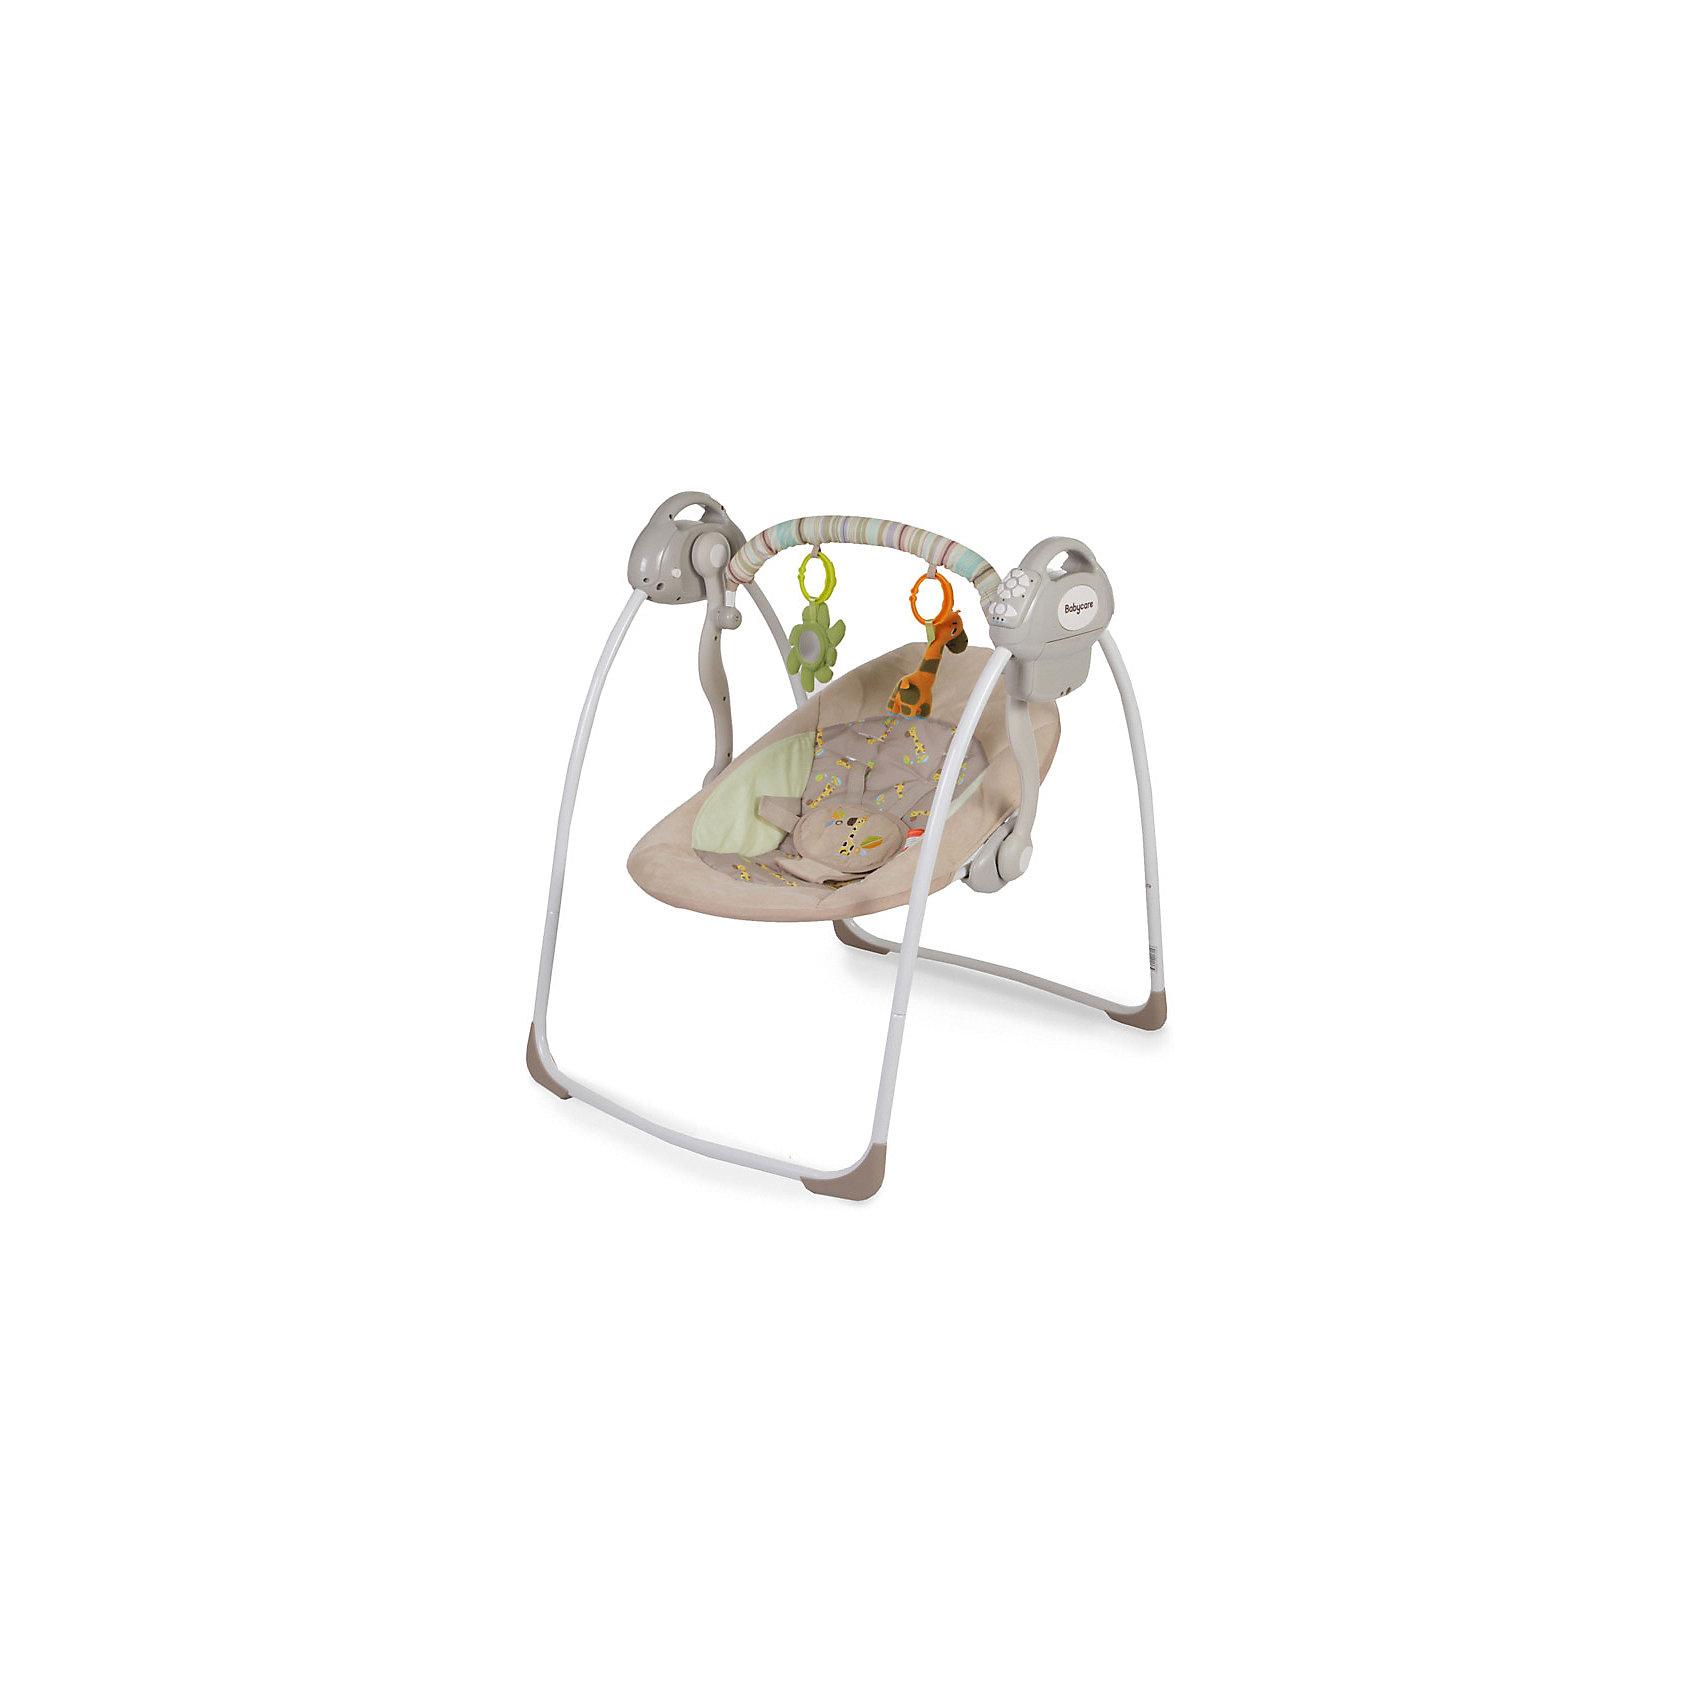 Электрокачели Riva с адаптером, Baby Care, кофейныйКачели электронные<br>Характеристики товара:<br><br>• возраст с рождения до 6 месяцев;<br>• материал: металл, пластик, текстиль<br>• наклон спинки в 2 положениях;<br>• 6 скоростей укачивания;<br>• 10 мелодий и 3 уровня громкости;<br>• дуга с игрушками<br>• 5-ти точечные ремни безопасности;<br>• обивку сидения можно стирать в холодной воде<br>• съемный чехол сидения<br>• качели легко и компактно складываются<br><br>Электрокачели Baby Care Riva помогут молодой маме укачать и убаюкать кроху. Перед сном малыша успокоят приятные колыбельные. Дуга с подвесными игрушками развлечет малыша. Он может рассматривать их, трогать или играть с ними. Качели легко и компактно складываются для хранения дома. <br><br>Размер в разложенном виде 82х63х72 см<br>Размер в сложенном виде 79х63х24 см<br>Расстояние от пола до сидения 25 см<br>Размеры сидения 66х41 см<br>Вес электрокачелей 4,5 кг<br>Размер упаковки 60х38х13 см<br><br>Комплектация:<br><br>• качели;<br>• дуга с игрушками;<br>• сетевой адаптер.<br><br>Электрокачели Baby Care Riva с адаптером можно приобрести в нашем интернет-магазине.<br><br>Ширина мм: 600<br>Глубина мм: 380<br>Высота мм: 130<br>Вес г: 4500<br>Возраст от месяцев: 3<br>Возраст до месяцев: 6<br>Пол: Унисекс<br>Возраст: Детский<br>SKU: 5493369